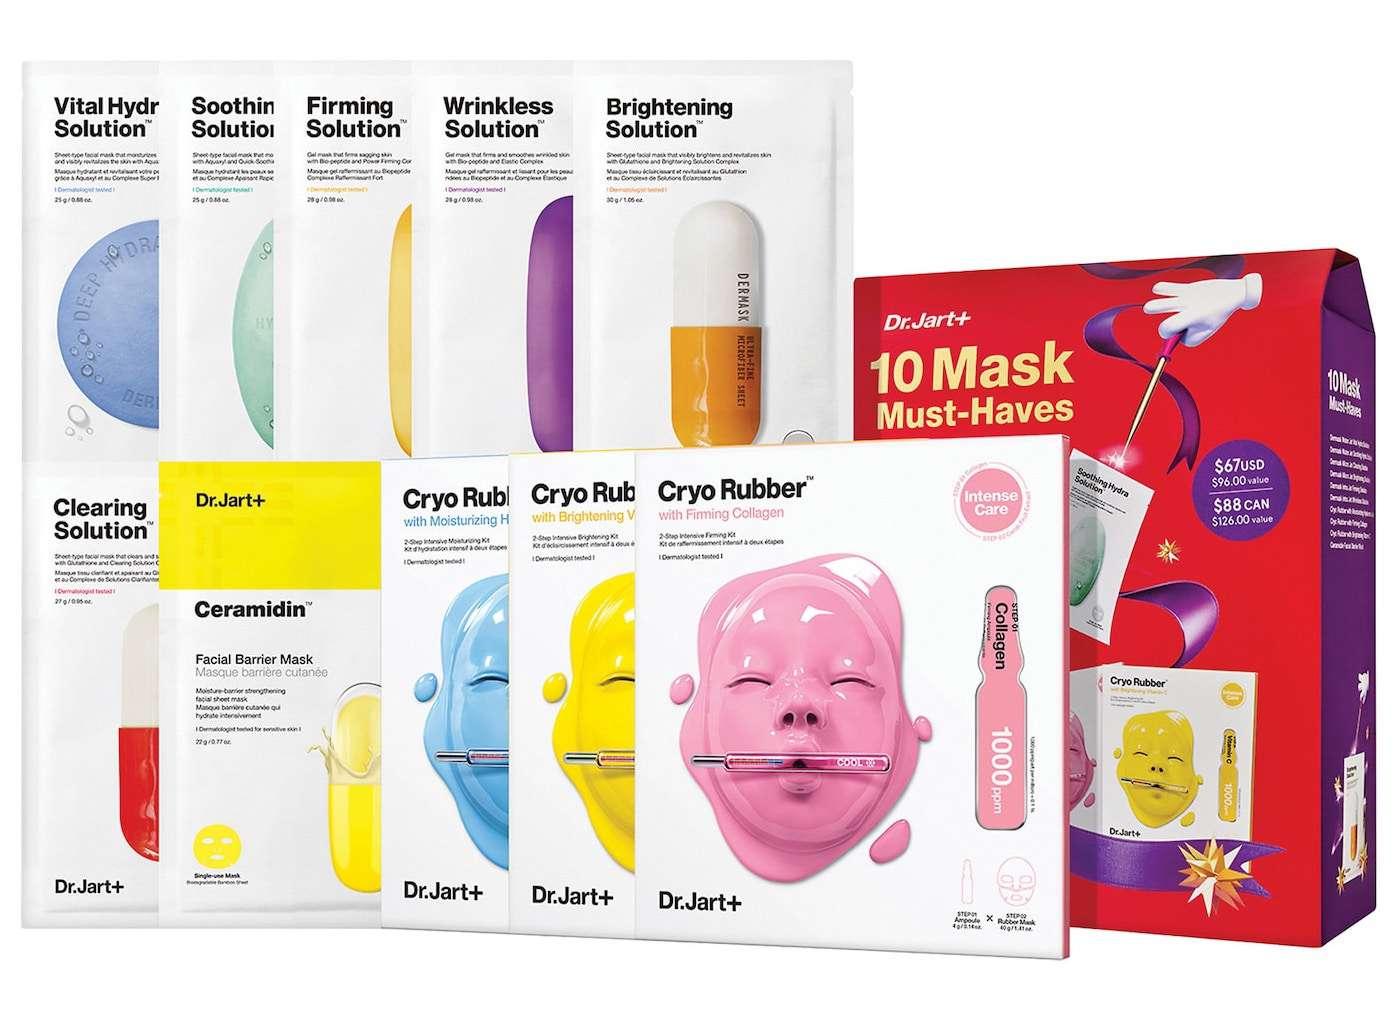 Dr. Jart+ 10 Mask Must-Haves